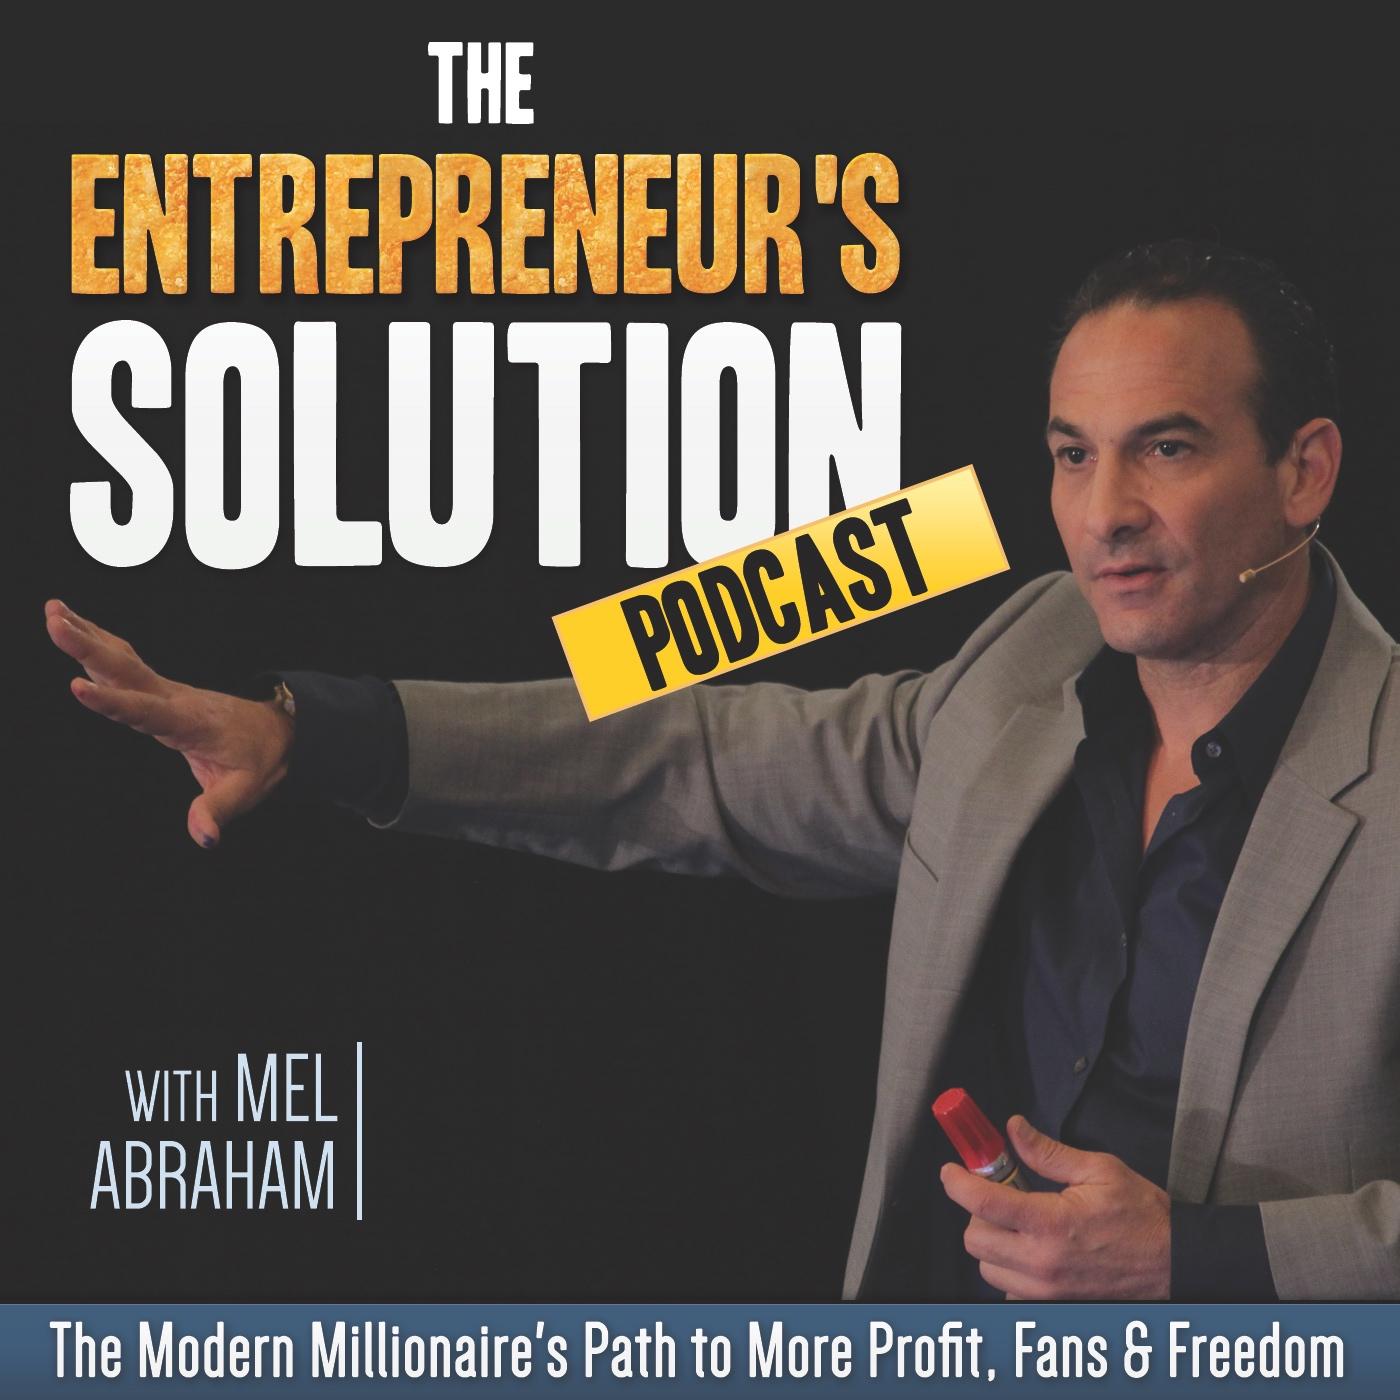 The Entrepreneur's Solution Videocast